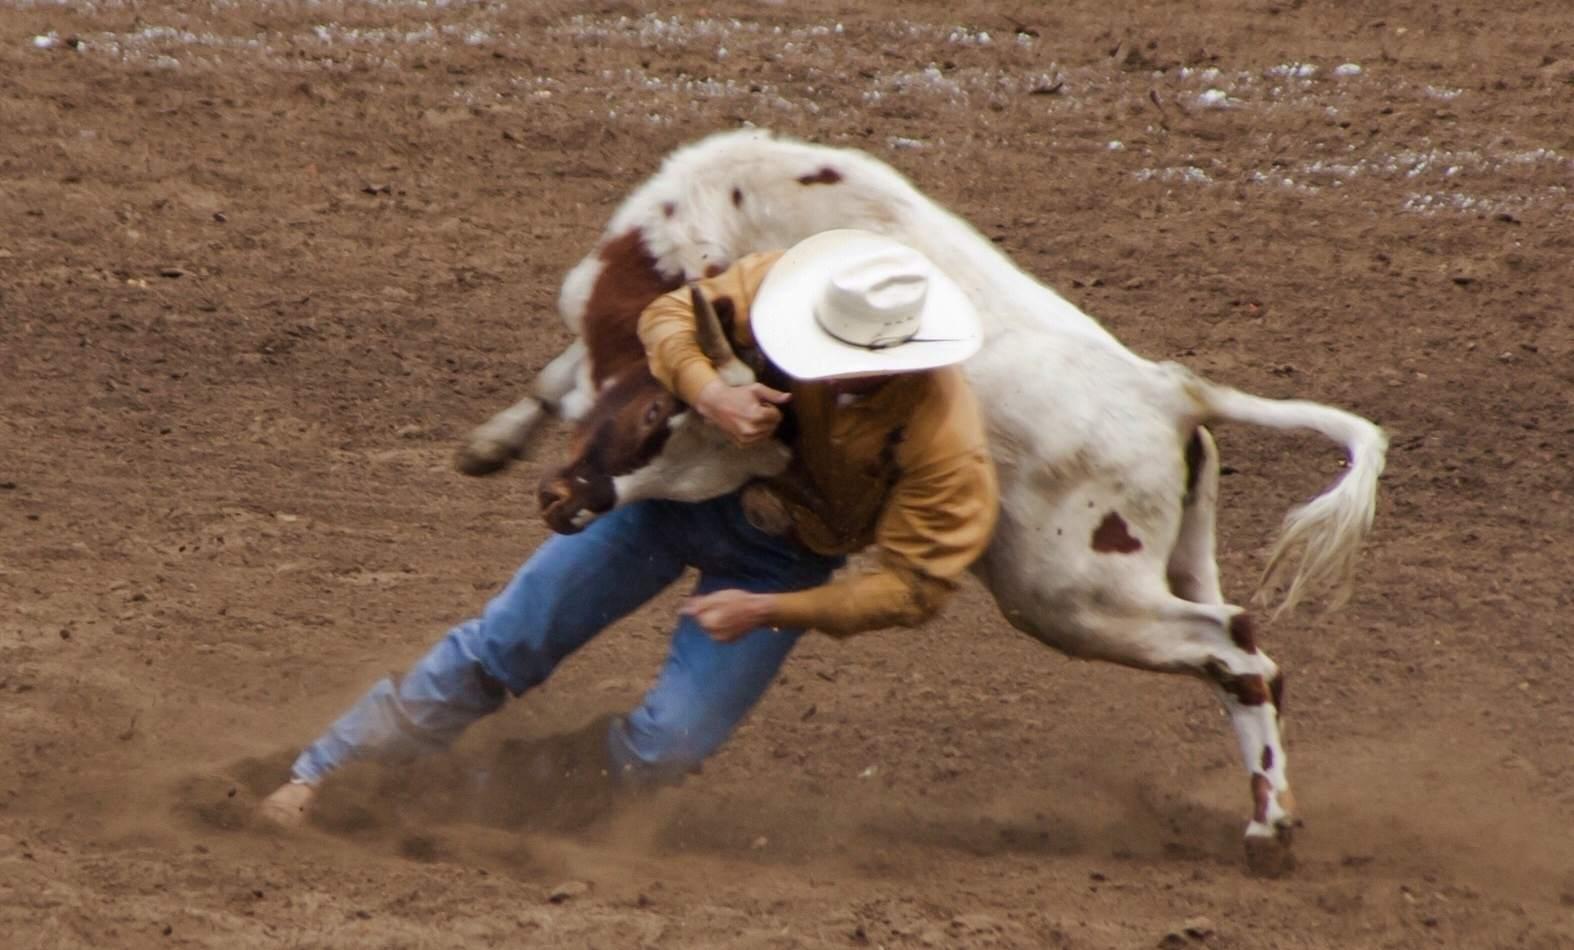 Man Tackling Bull In Stadium at Calgary Stampede